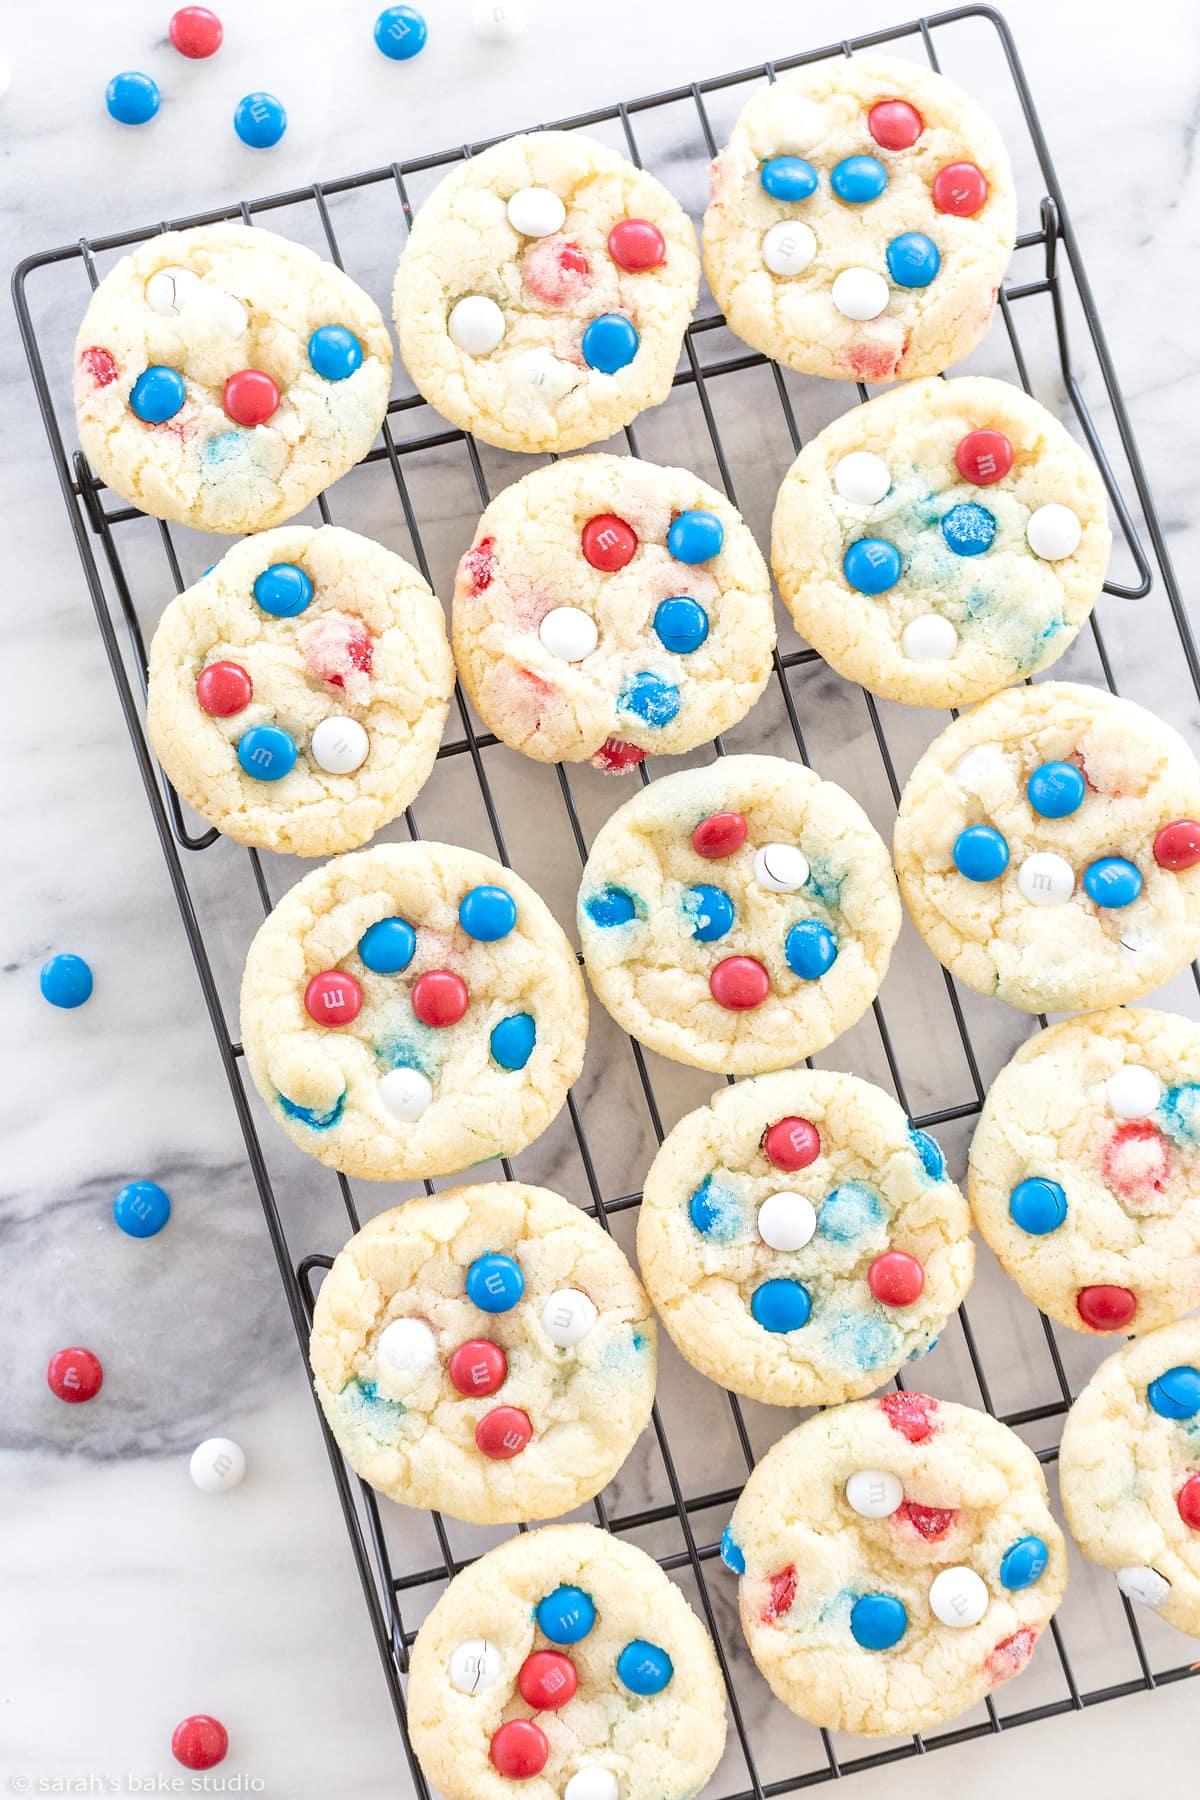 patriotic m&m cookies on a cooling rack.